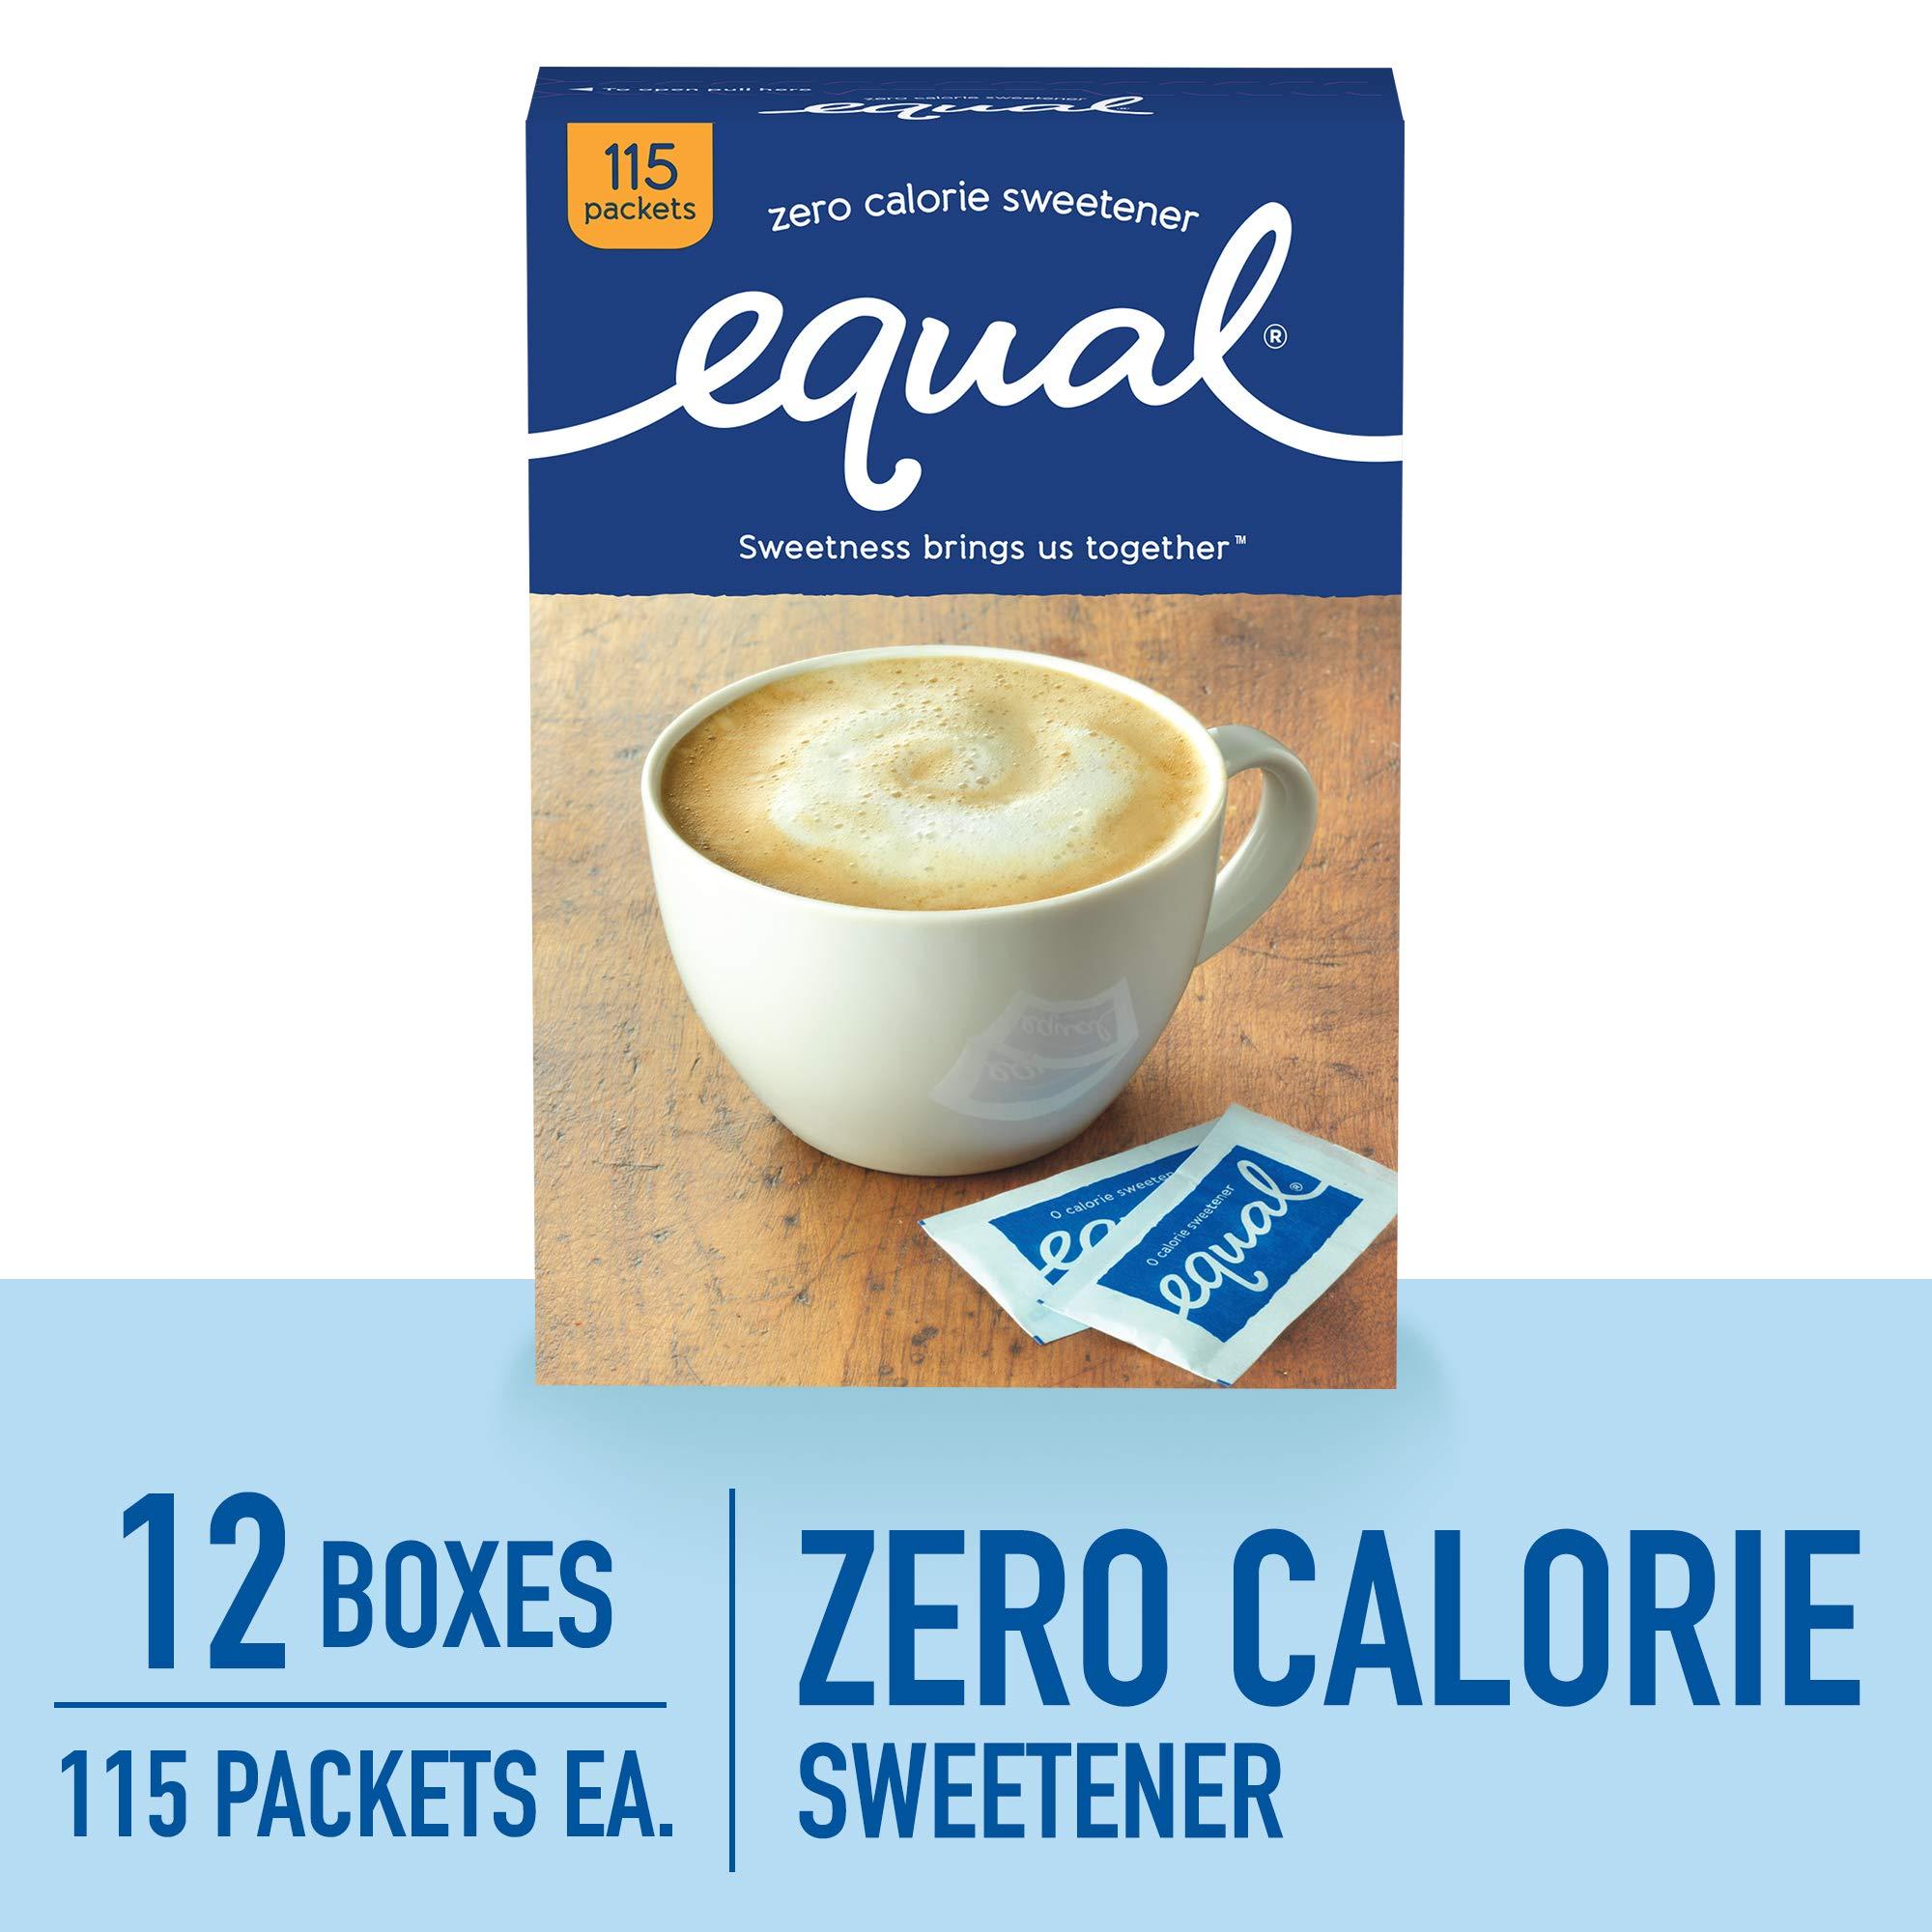 EQUAL 0 Calorie Sweetener, Sugar Substitute, Zero Calorie Sugar Alternative Sweetener Packets, Sugar Alternative, 115 Count (Pack of 12) by Equal (Image #1)